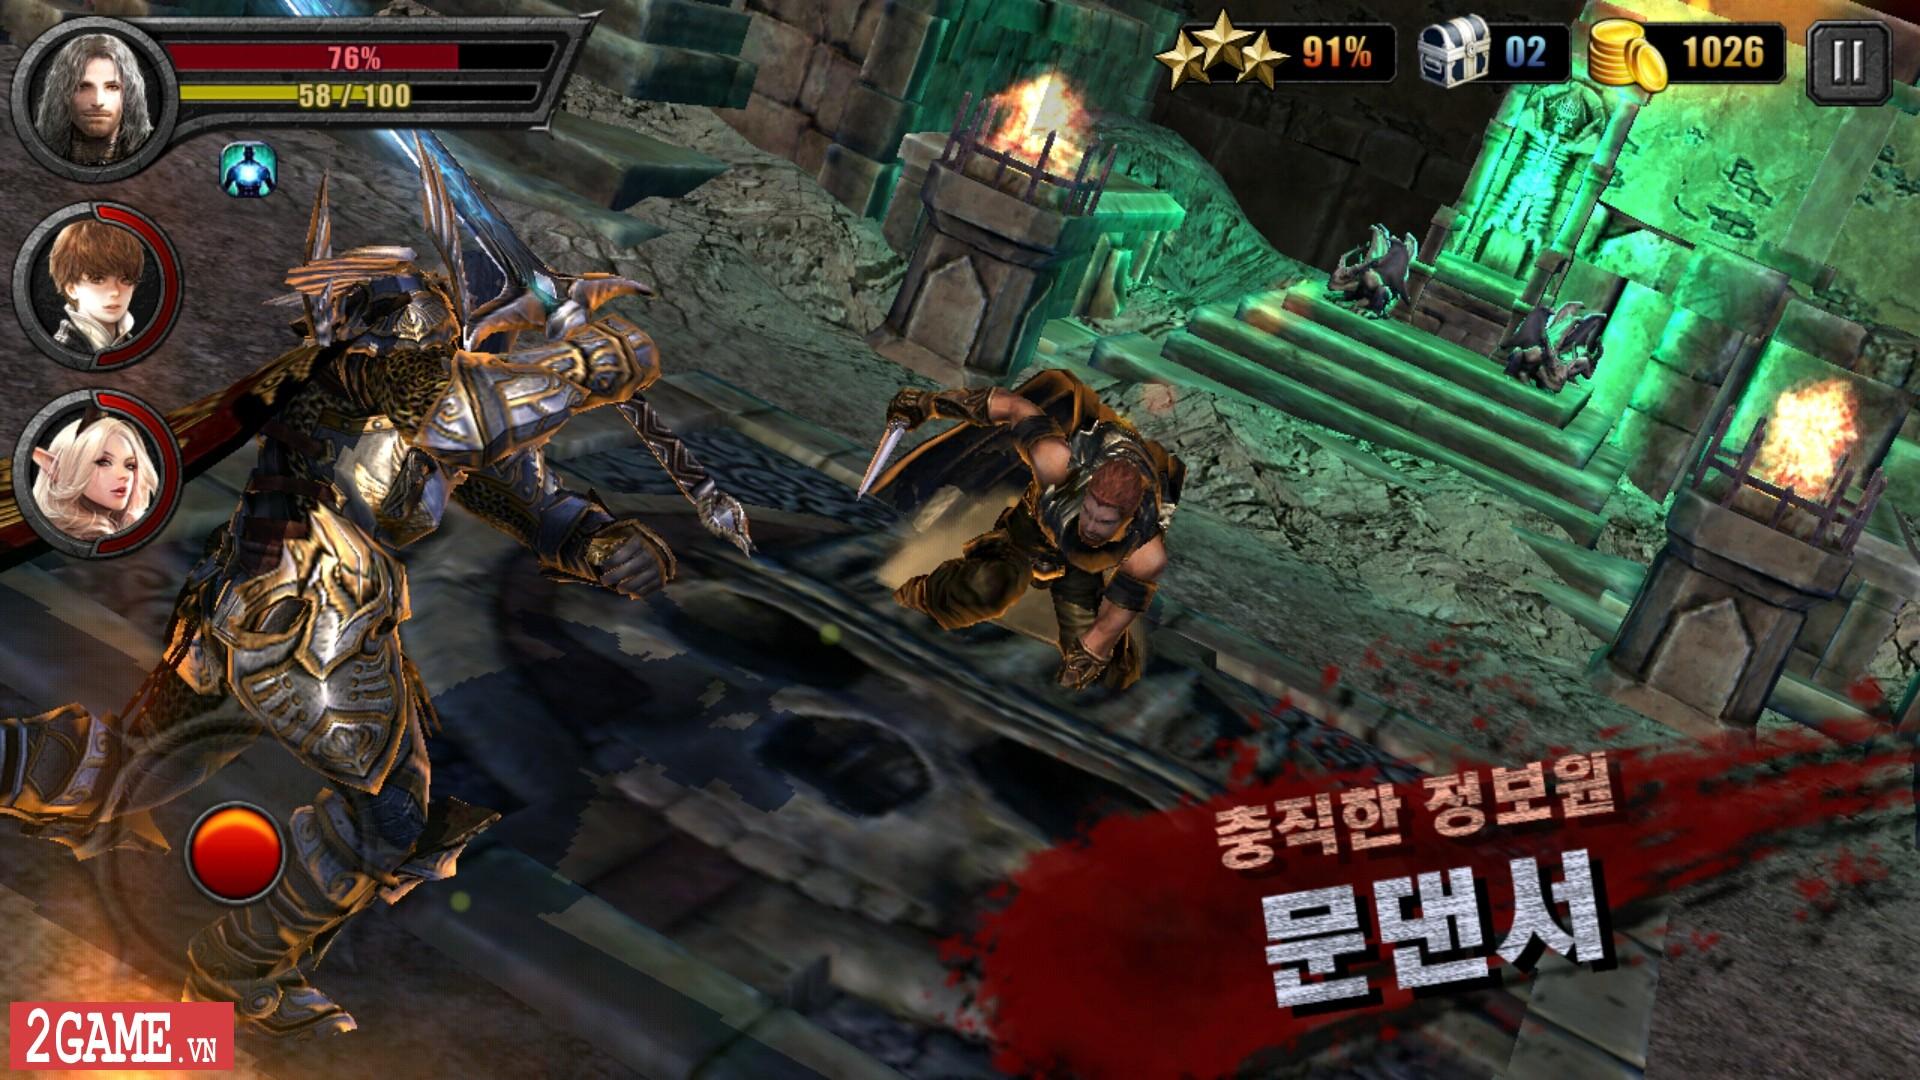 Dragon Raja M - Game mobile nhập vai chặt chém ra mắt season 2 với nhiều cải tiến mới 7